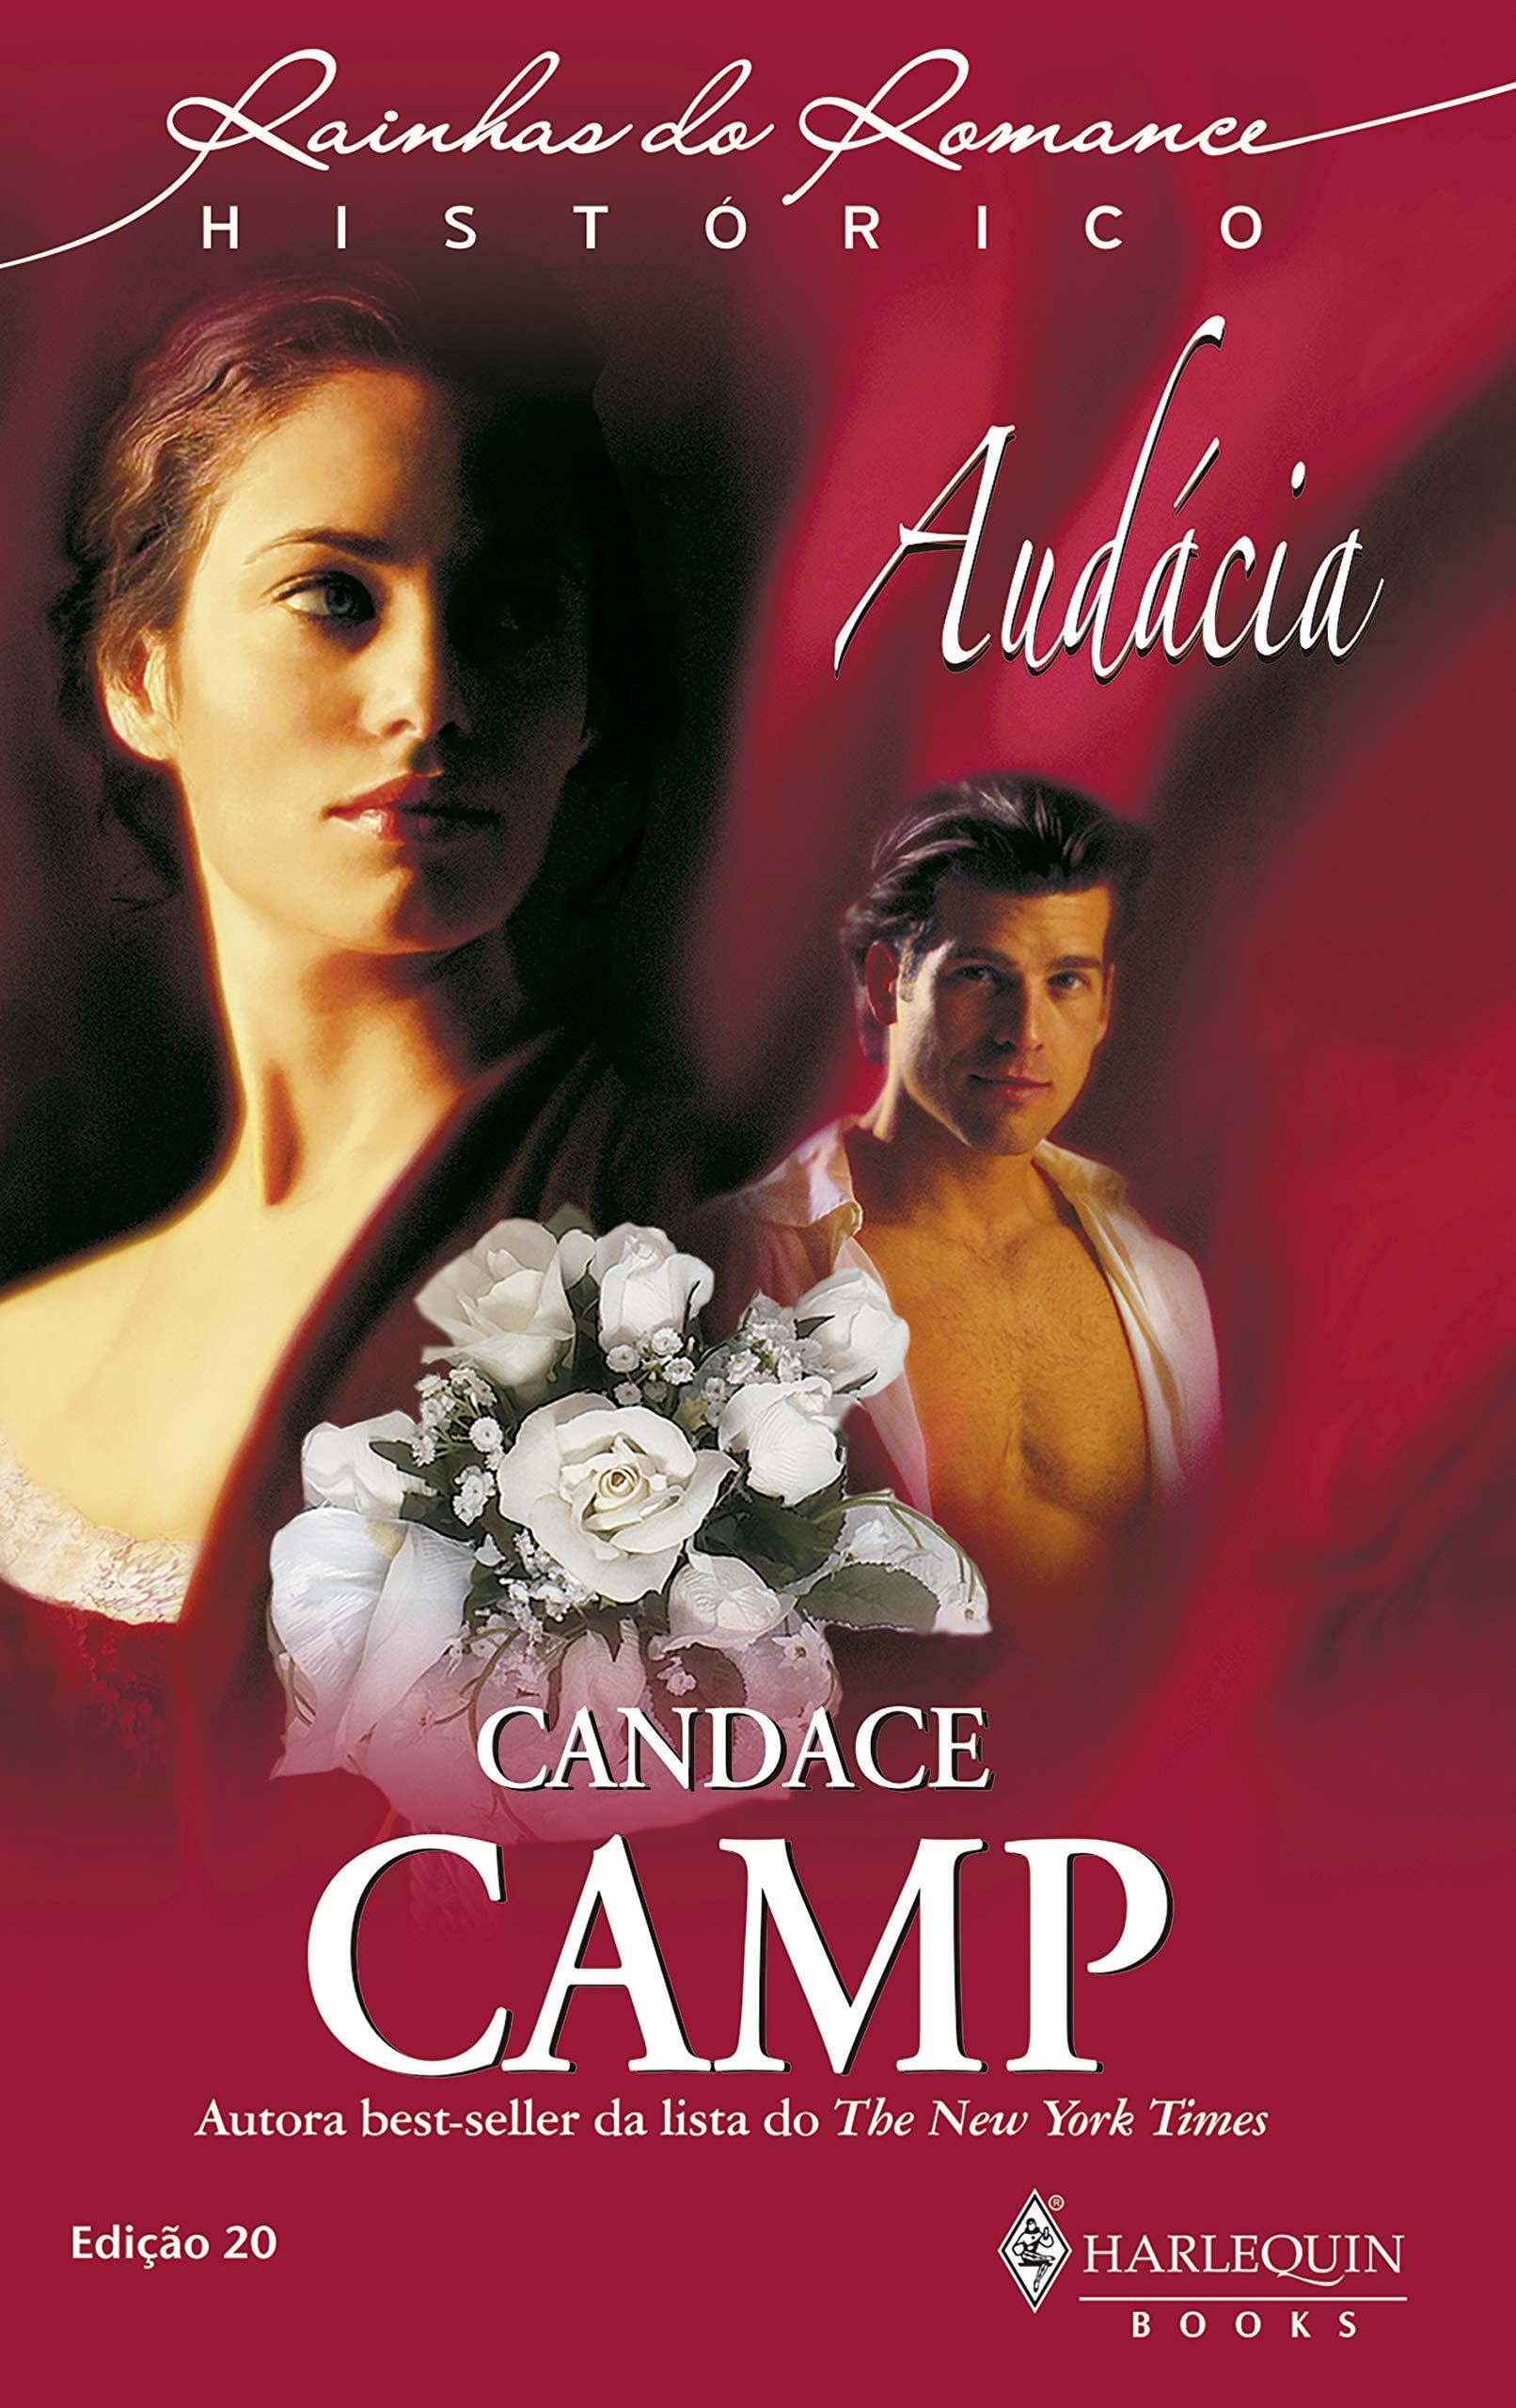 Audácia (Harlequin Rainhas do Romance Histórico Livro 20)